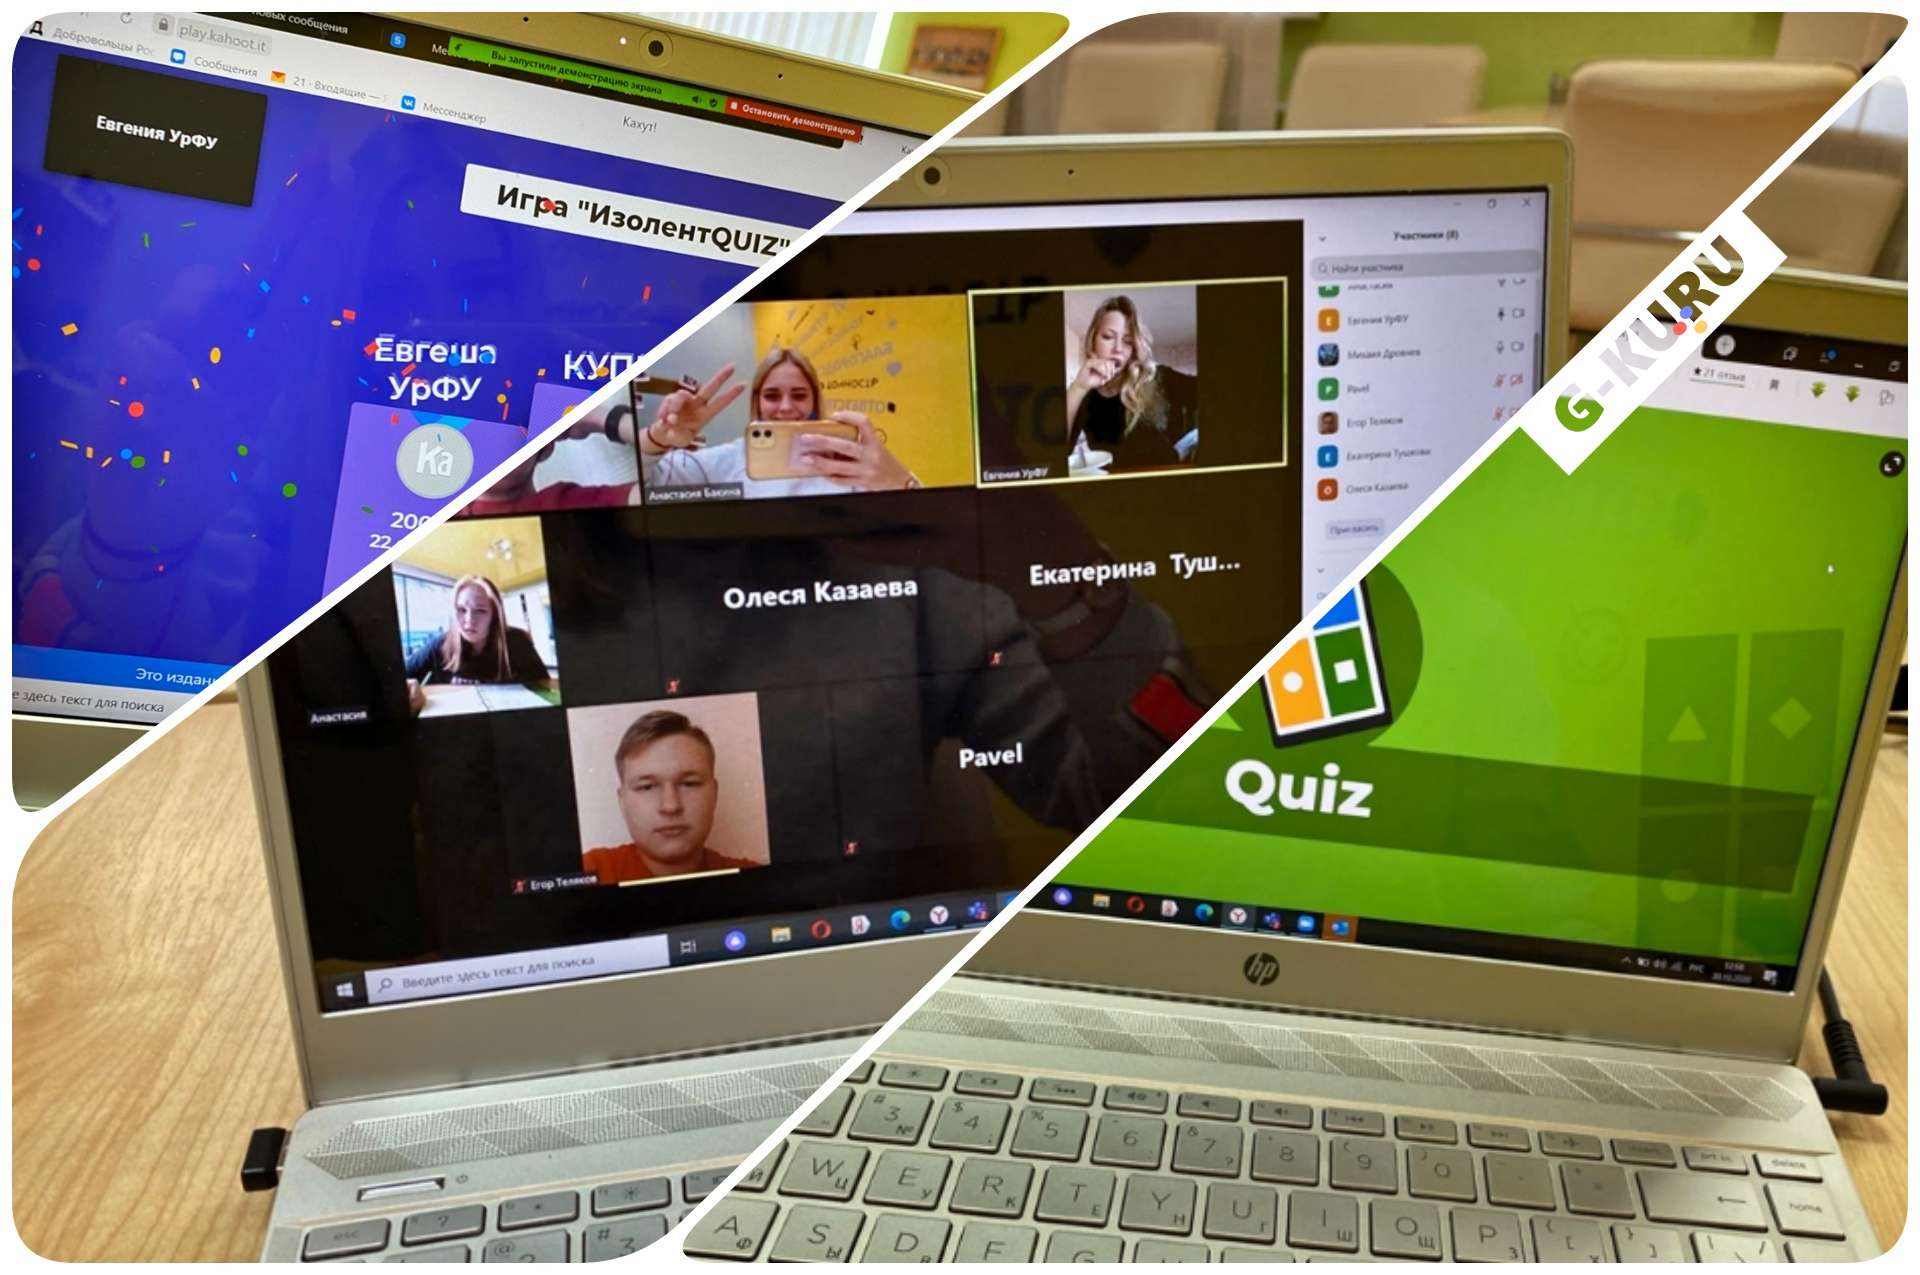 Каменские студенты все чаще используют онлайн формат